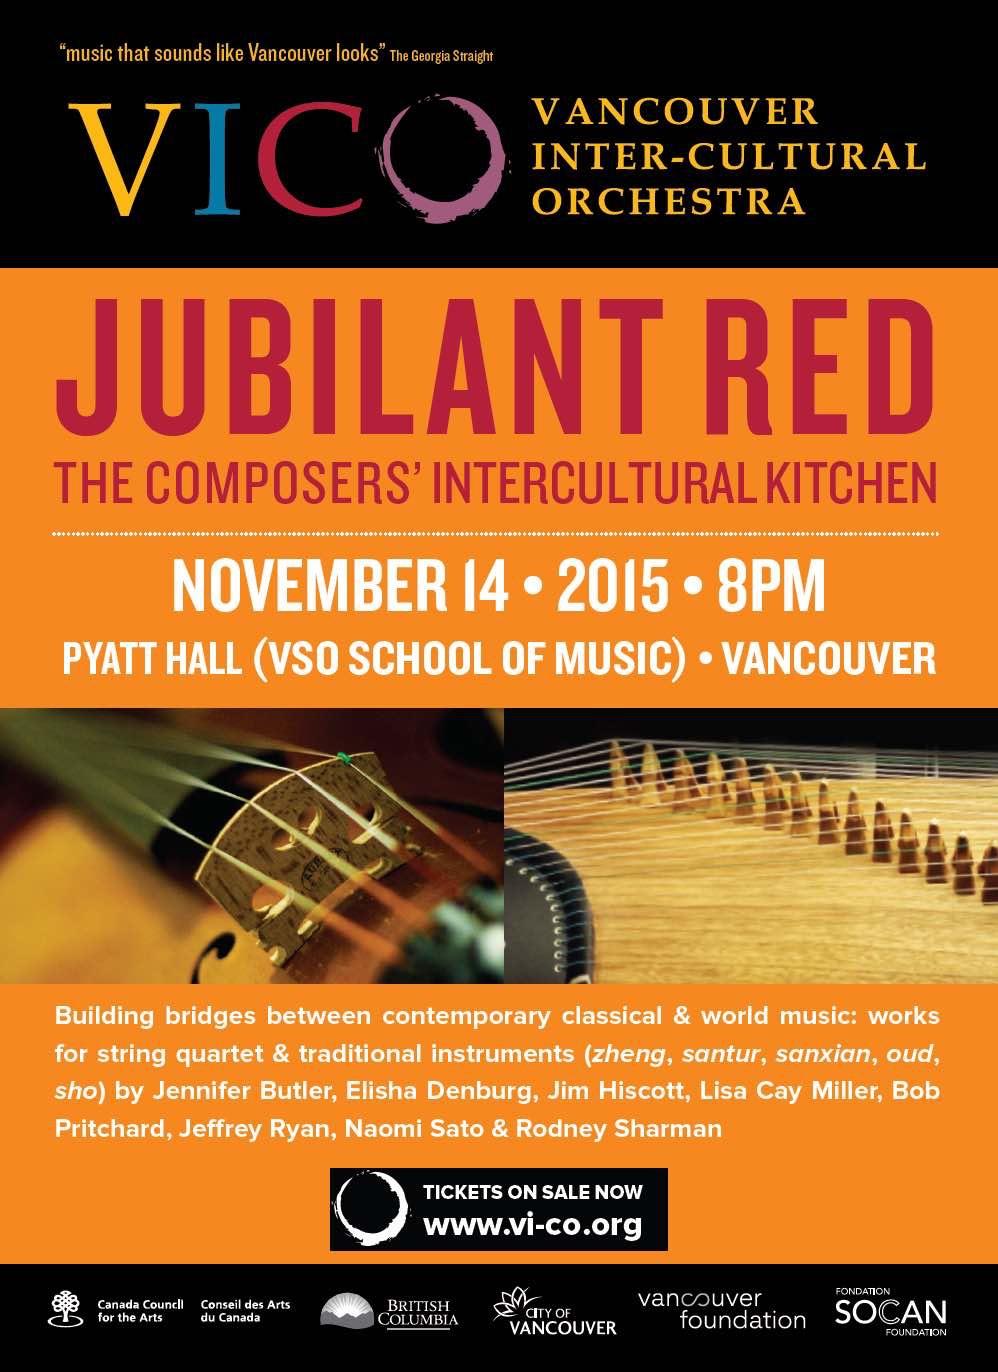 Jubilant concert poster